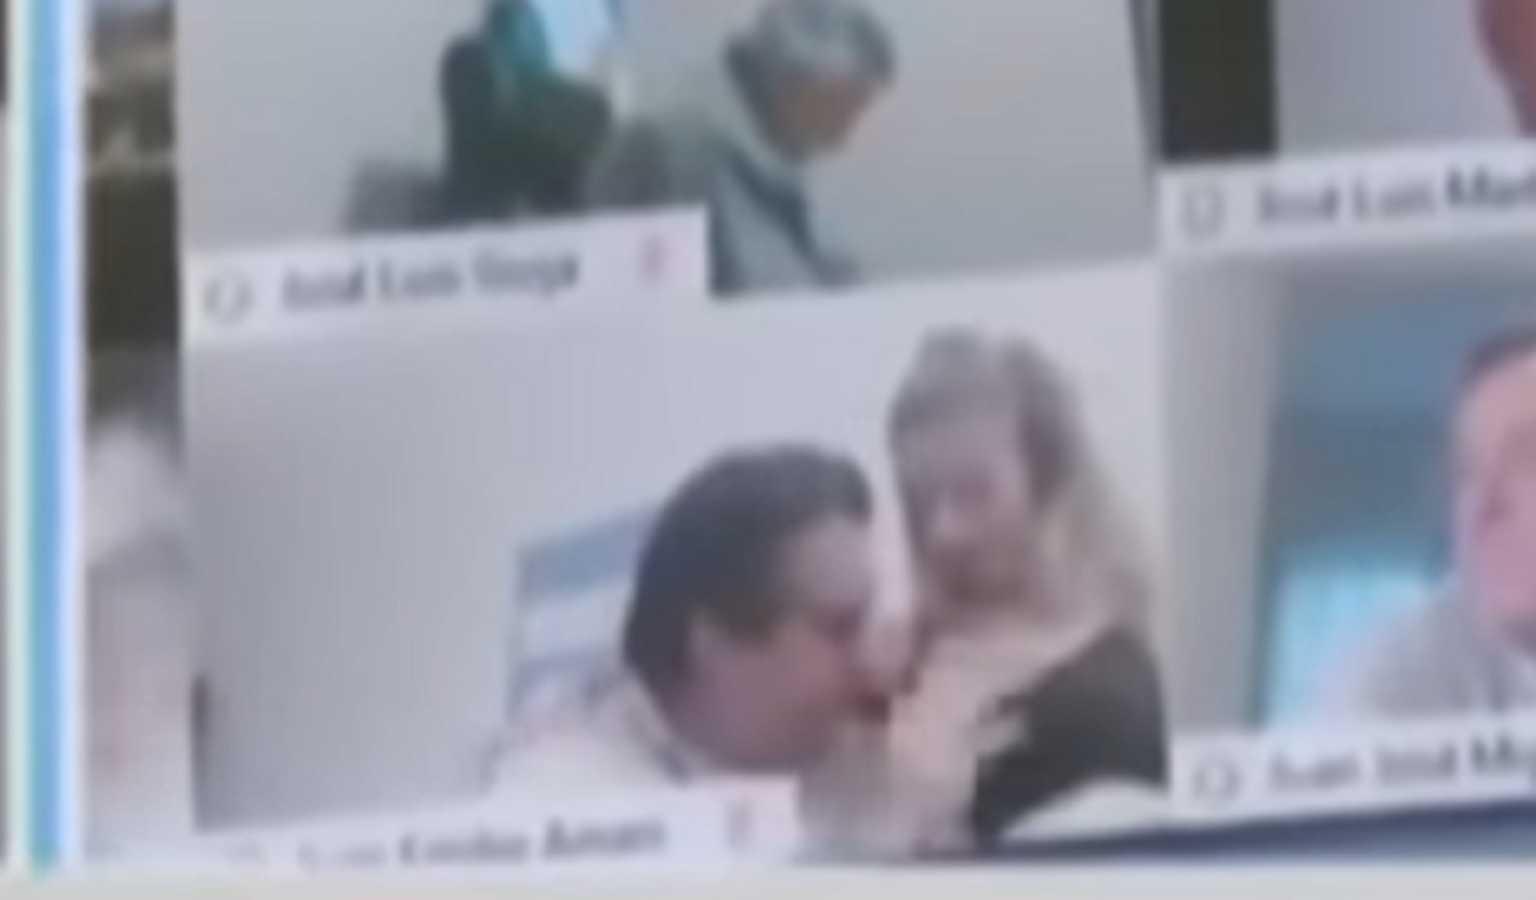 """""""Μερακλής"""" βουλευτής φιλούσε το… στήθος της γυναίκας του σε live τηλεδιάσκεψη – video"""